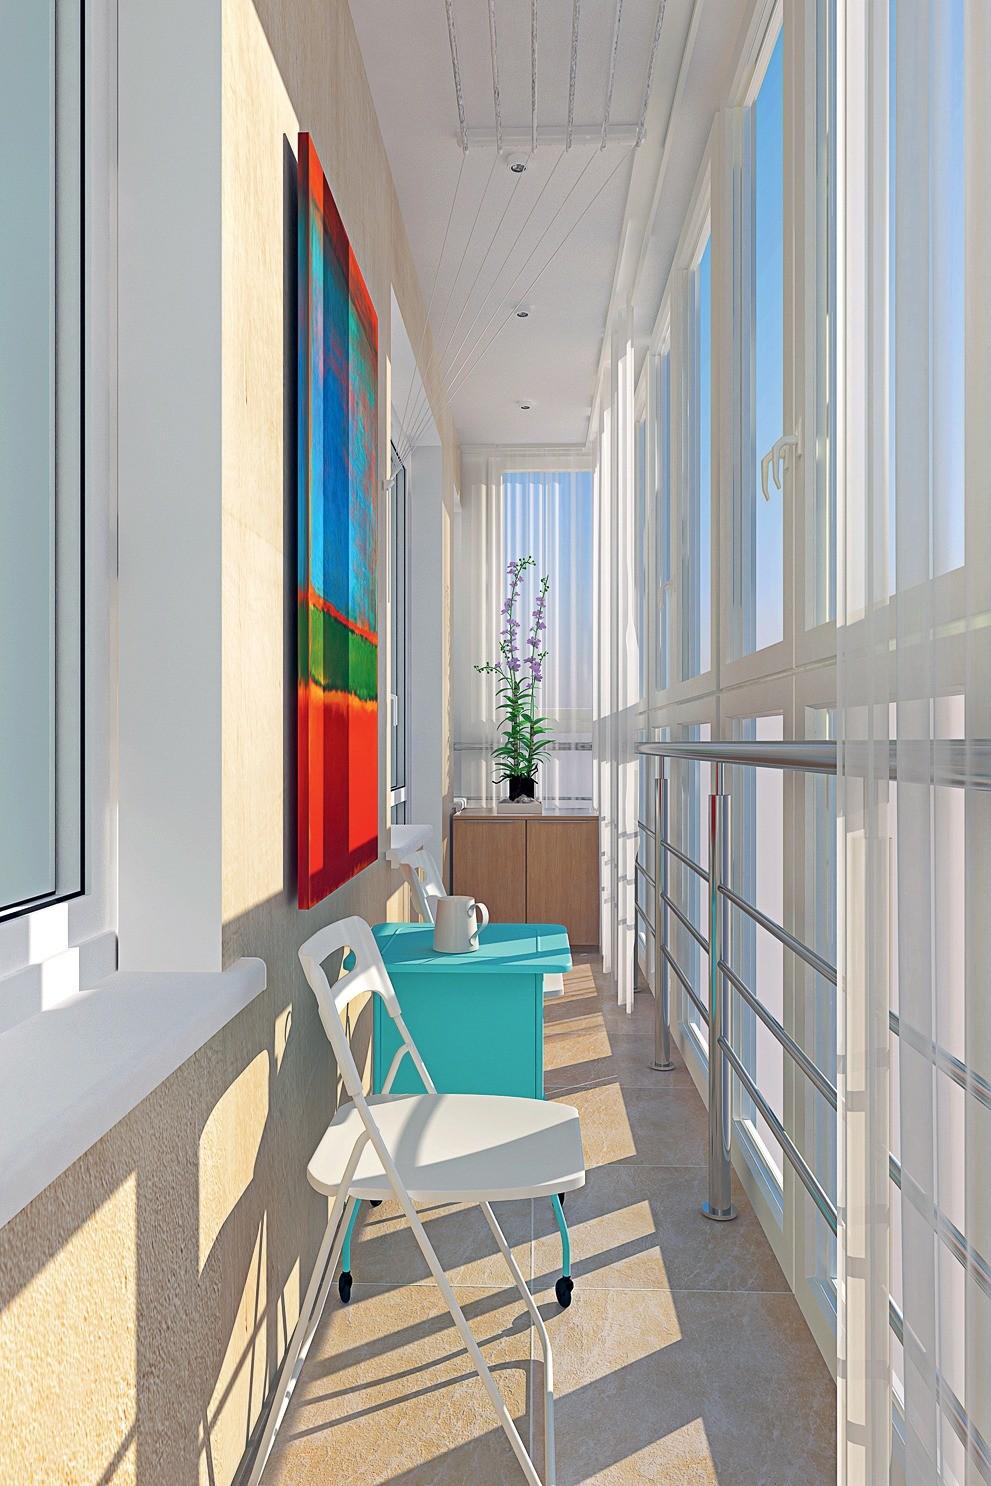 Благодаря большому метражу и прямоугольной конфигурации, на остеклённом балконе можно организовать небольшую, рассчитанную на двоих, зону отдыха. Кроме того, здесь хватит места и для сушк...